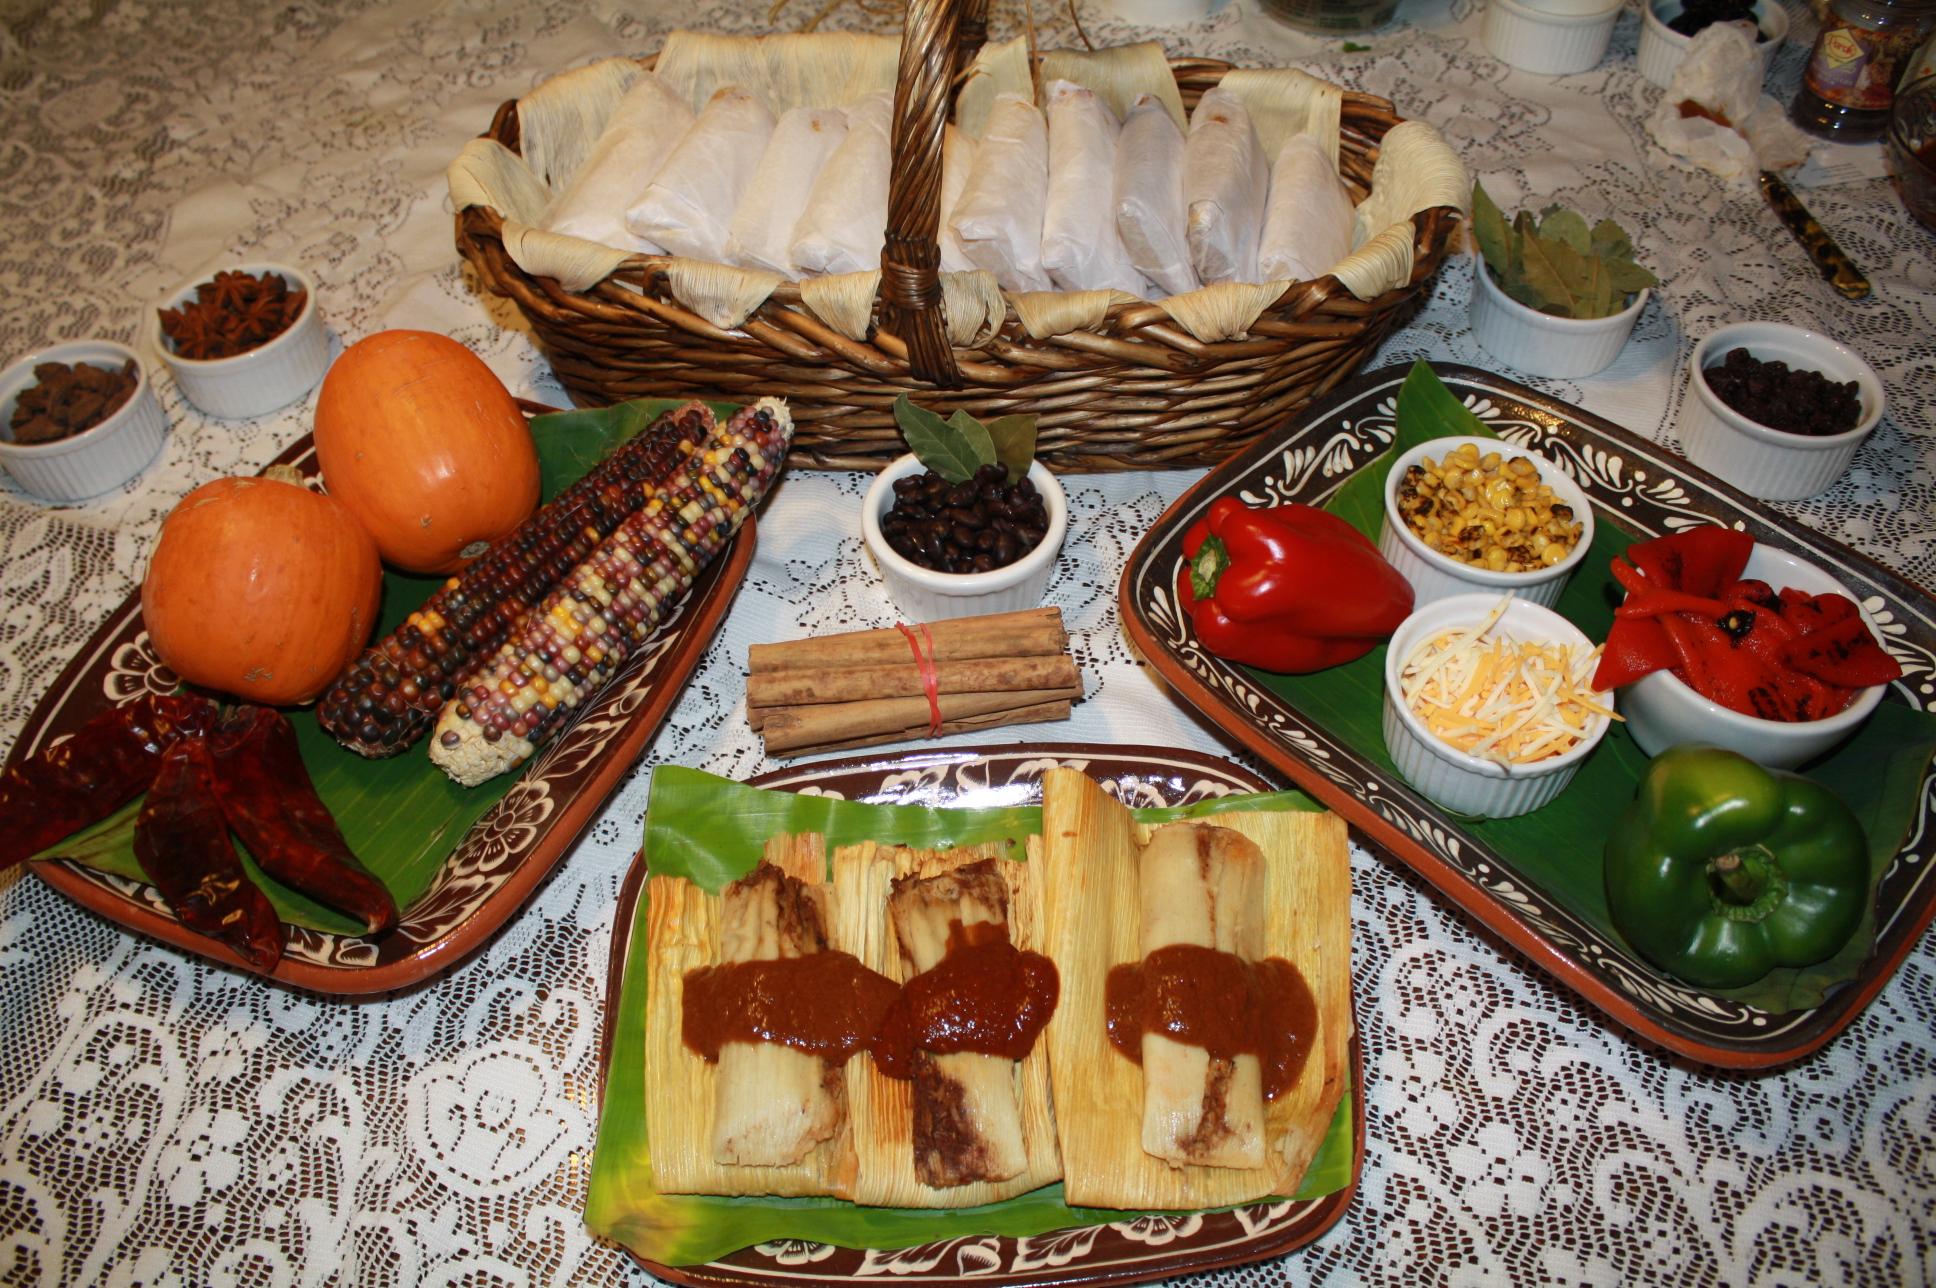 Algunos de los ingredientes que se utilizan para preparar los tamales vegetarianos y los tamales Vegans. (Foto de Agustín Durán/El Pasajero).